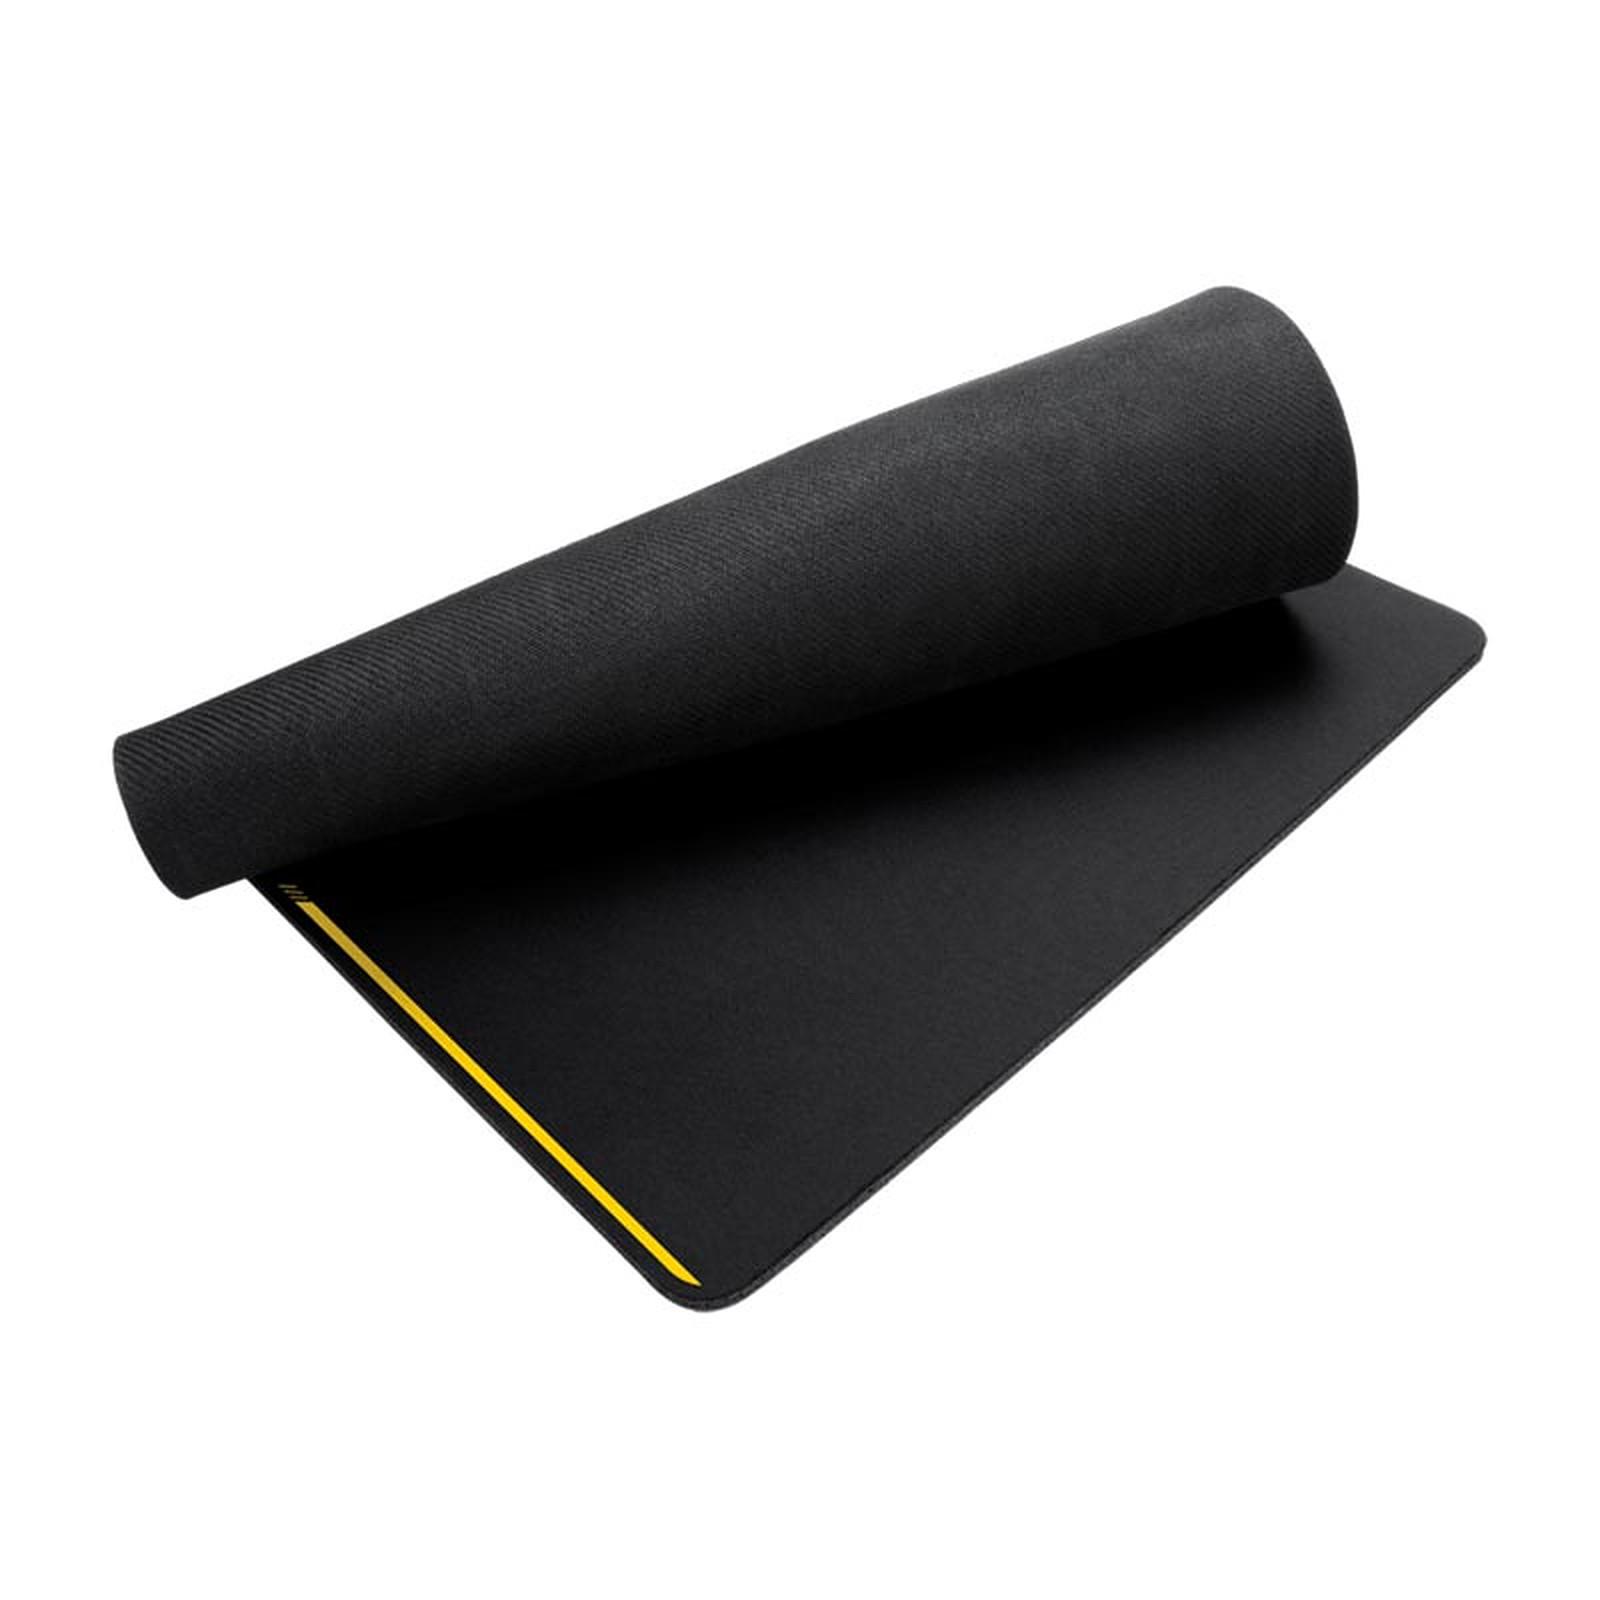 ce58338c8a8 Corsair Gaming MM200 (extended) Tapis de souris gaming - souple - surface  en tissu; Tapis de souris ...